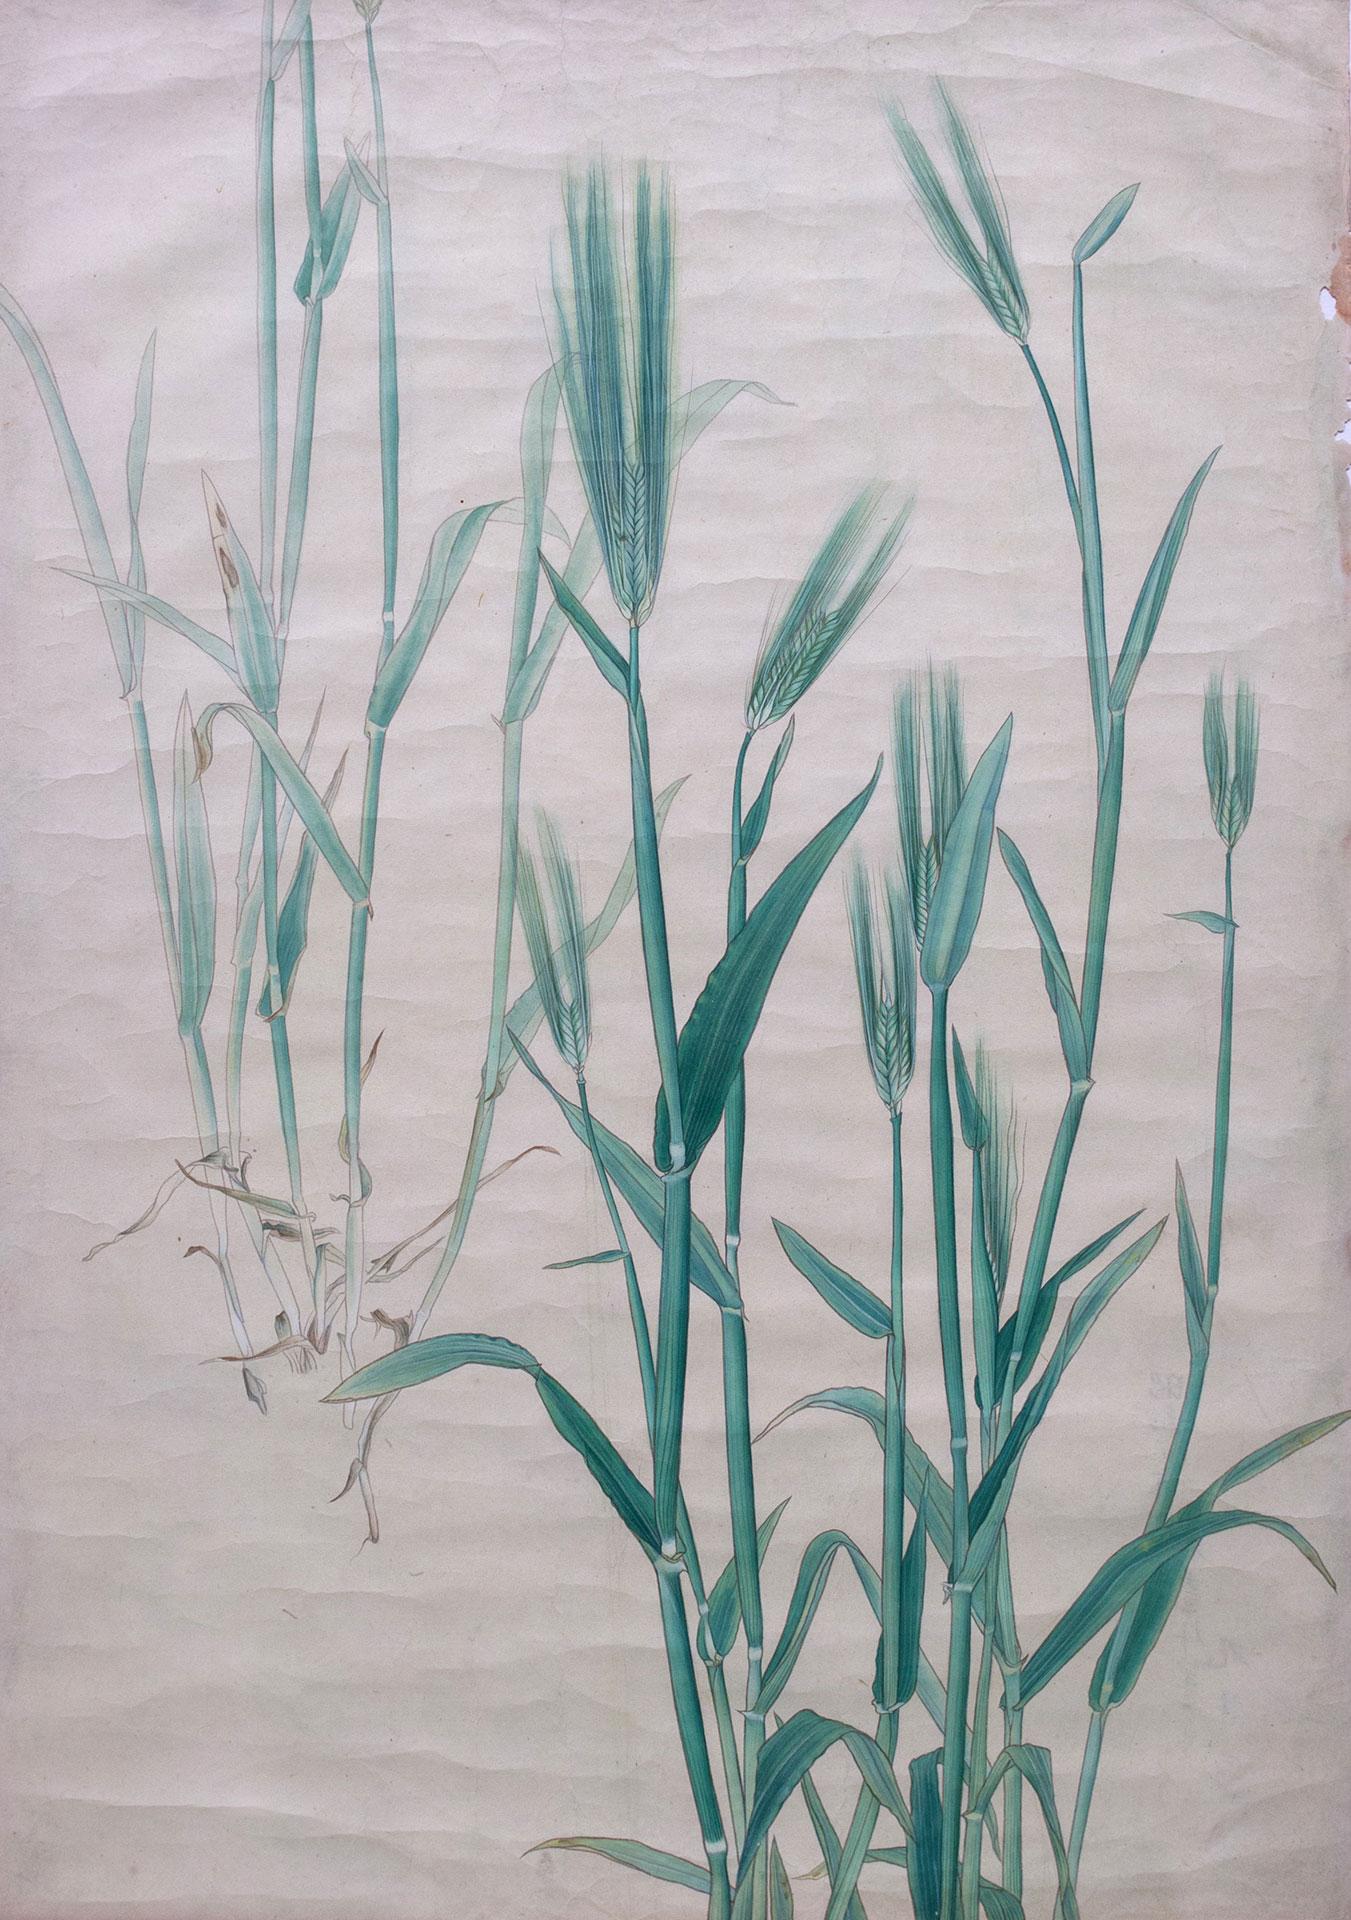 アオスゲ* - Carex Leucochlora